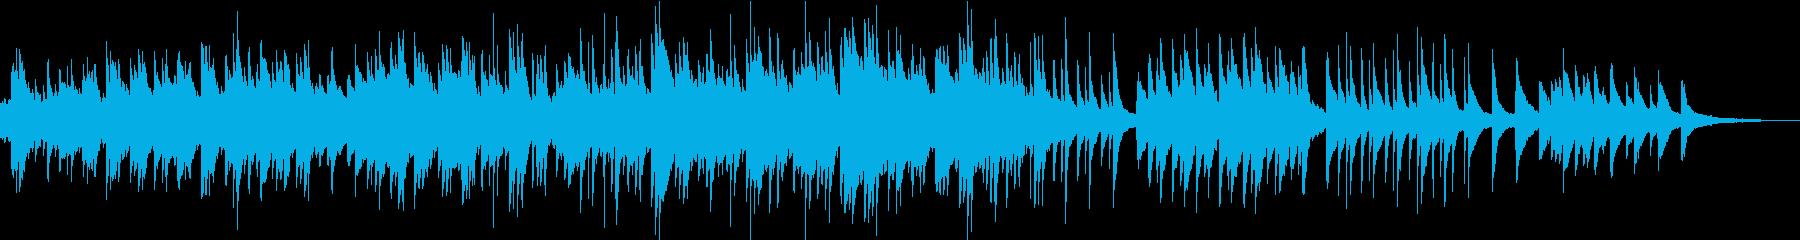 ドキュメンタリー映像に合う感動ピアノの再生済みの波形